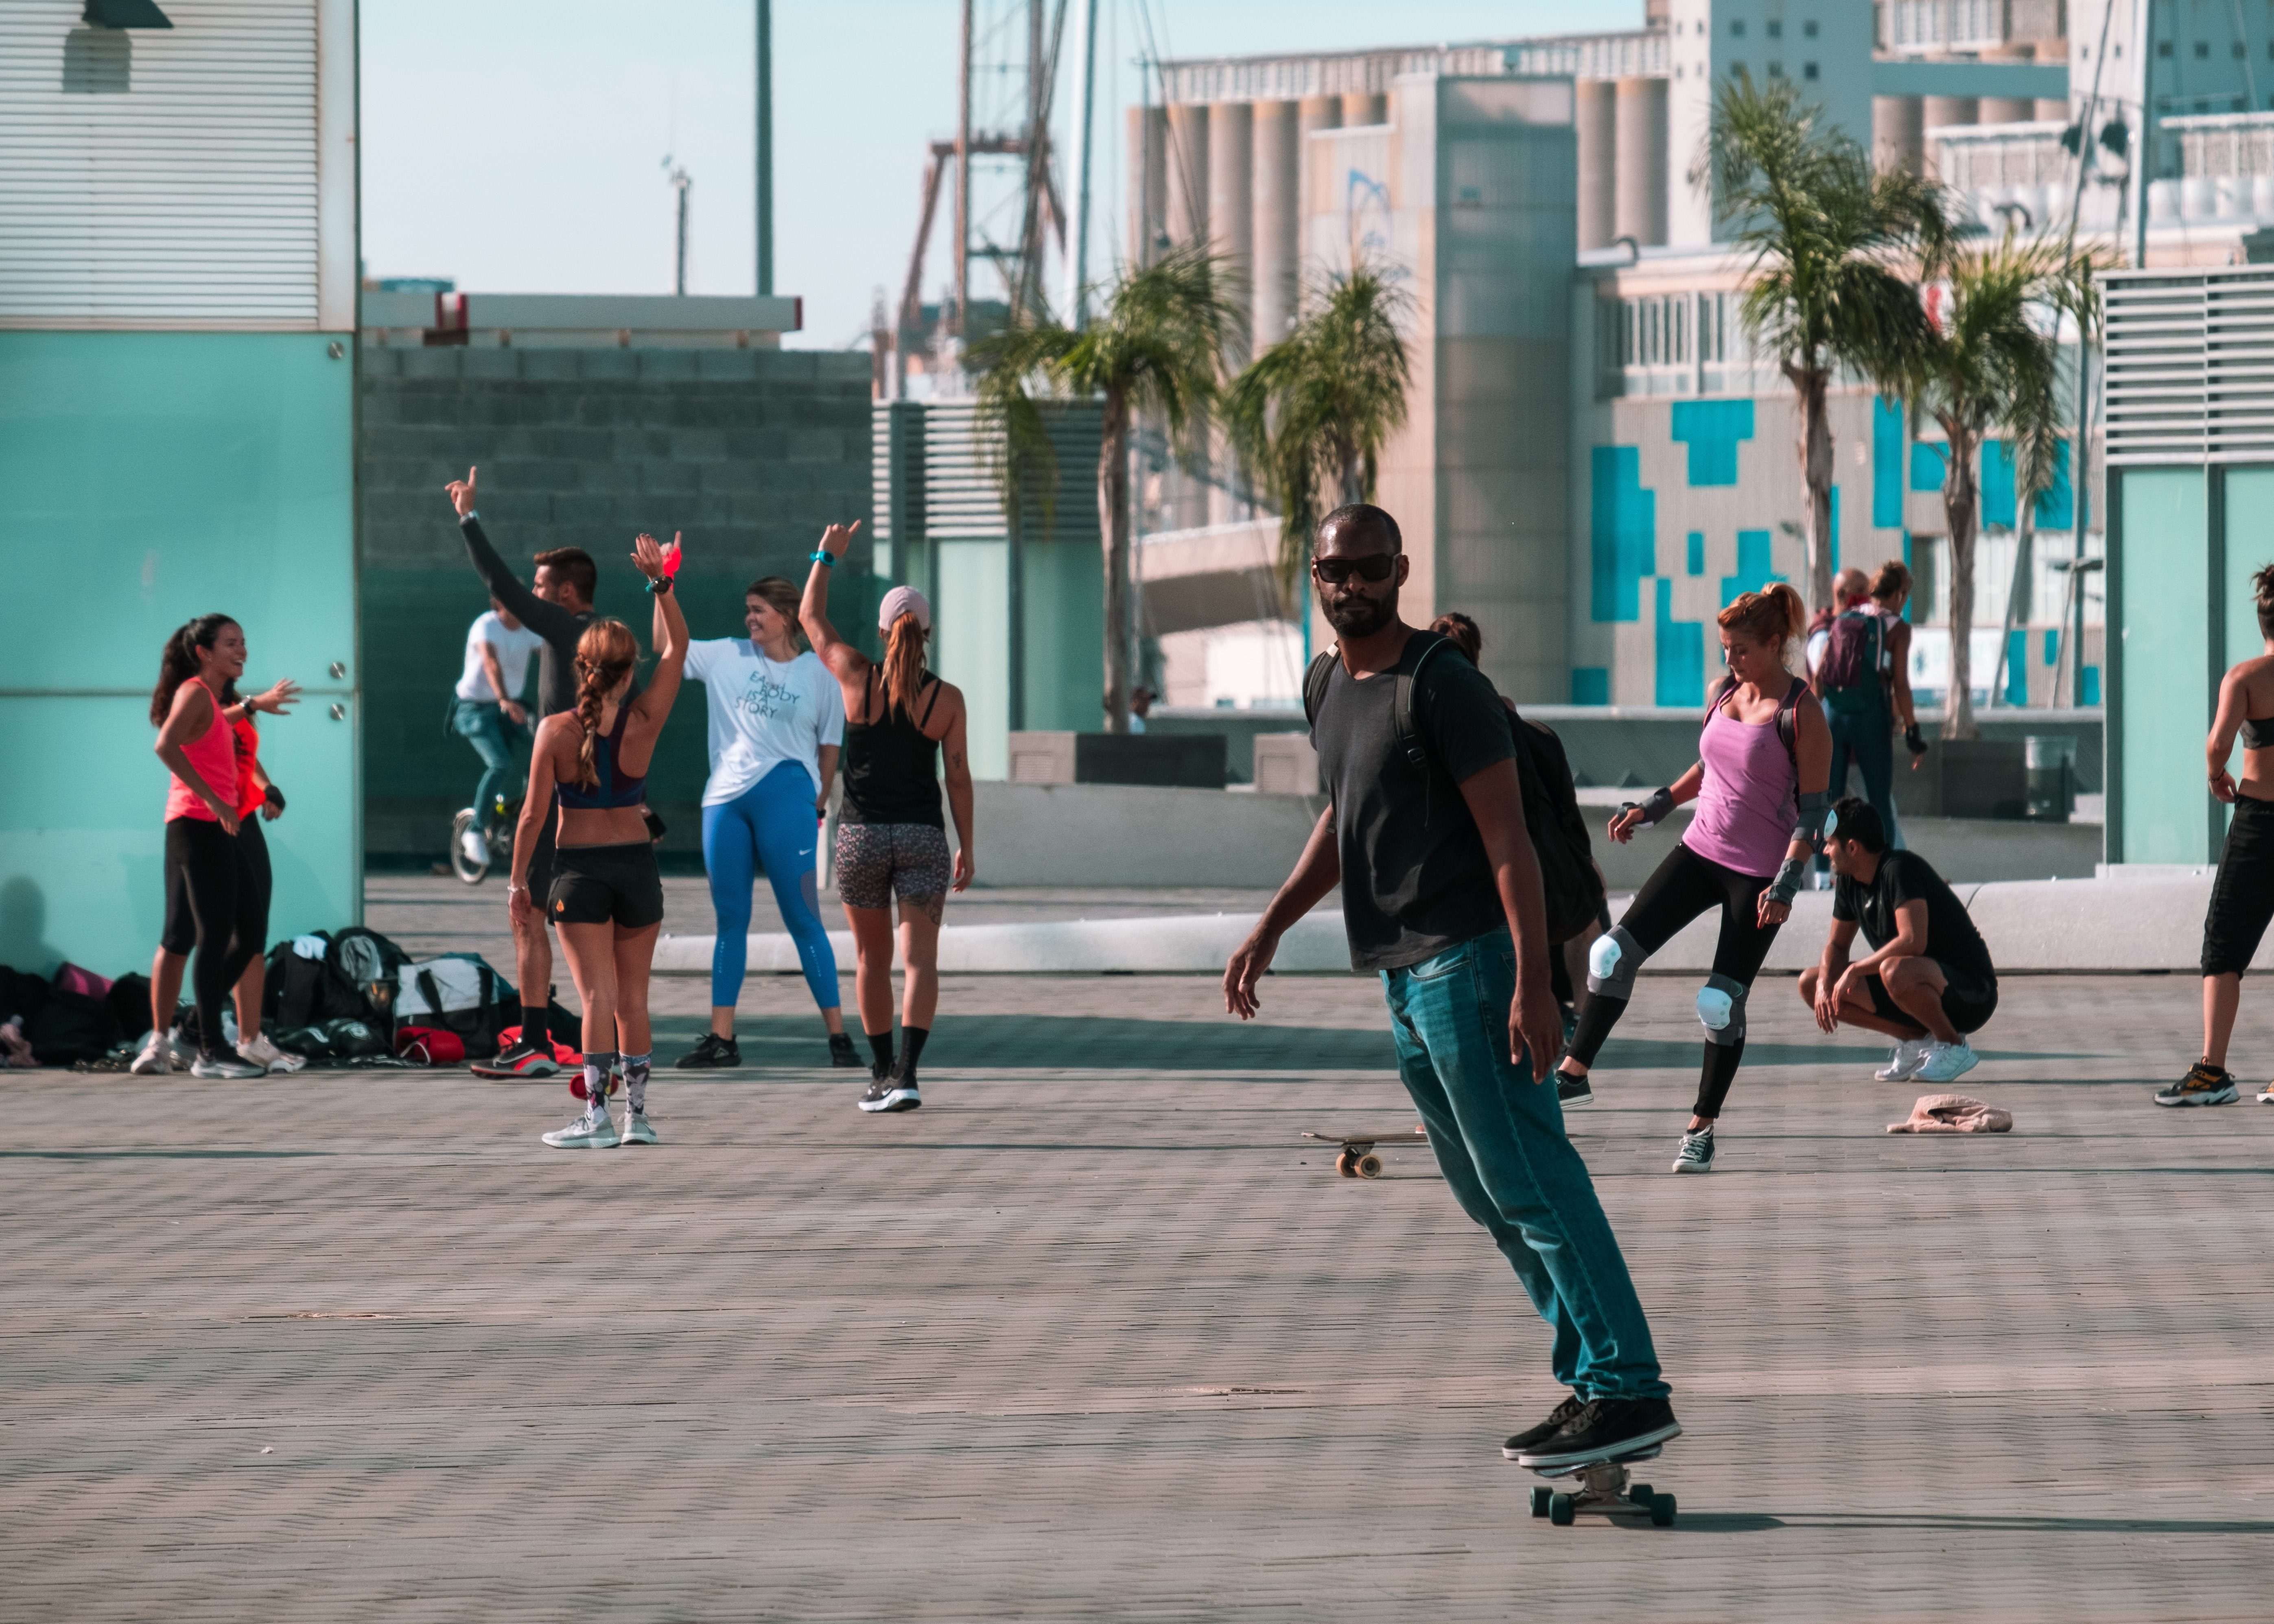 Skateboarder rolling down paved walkway in Barcelona